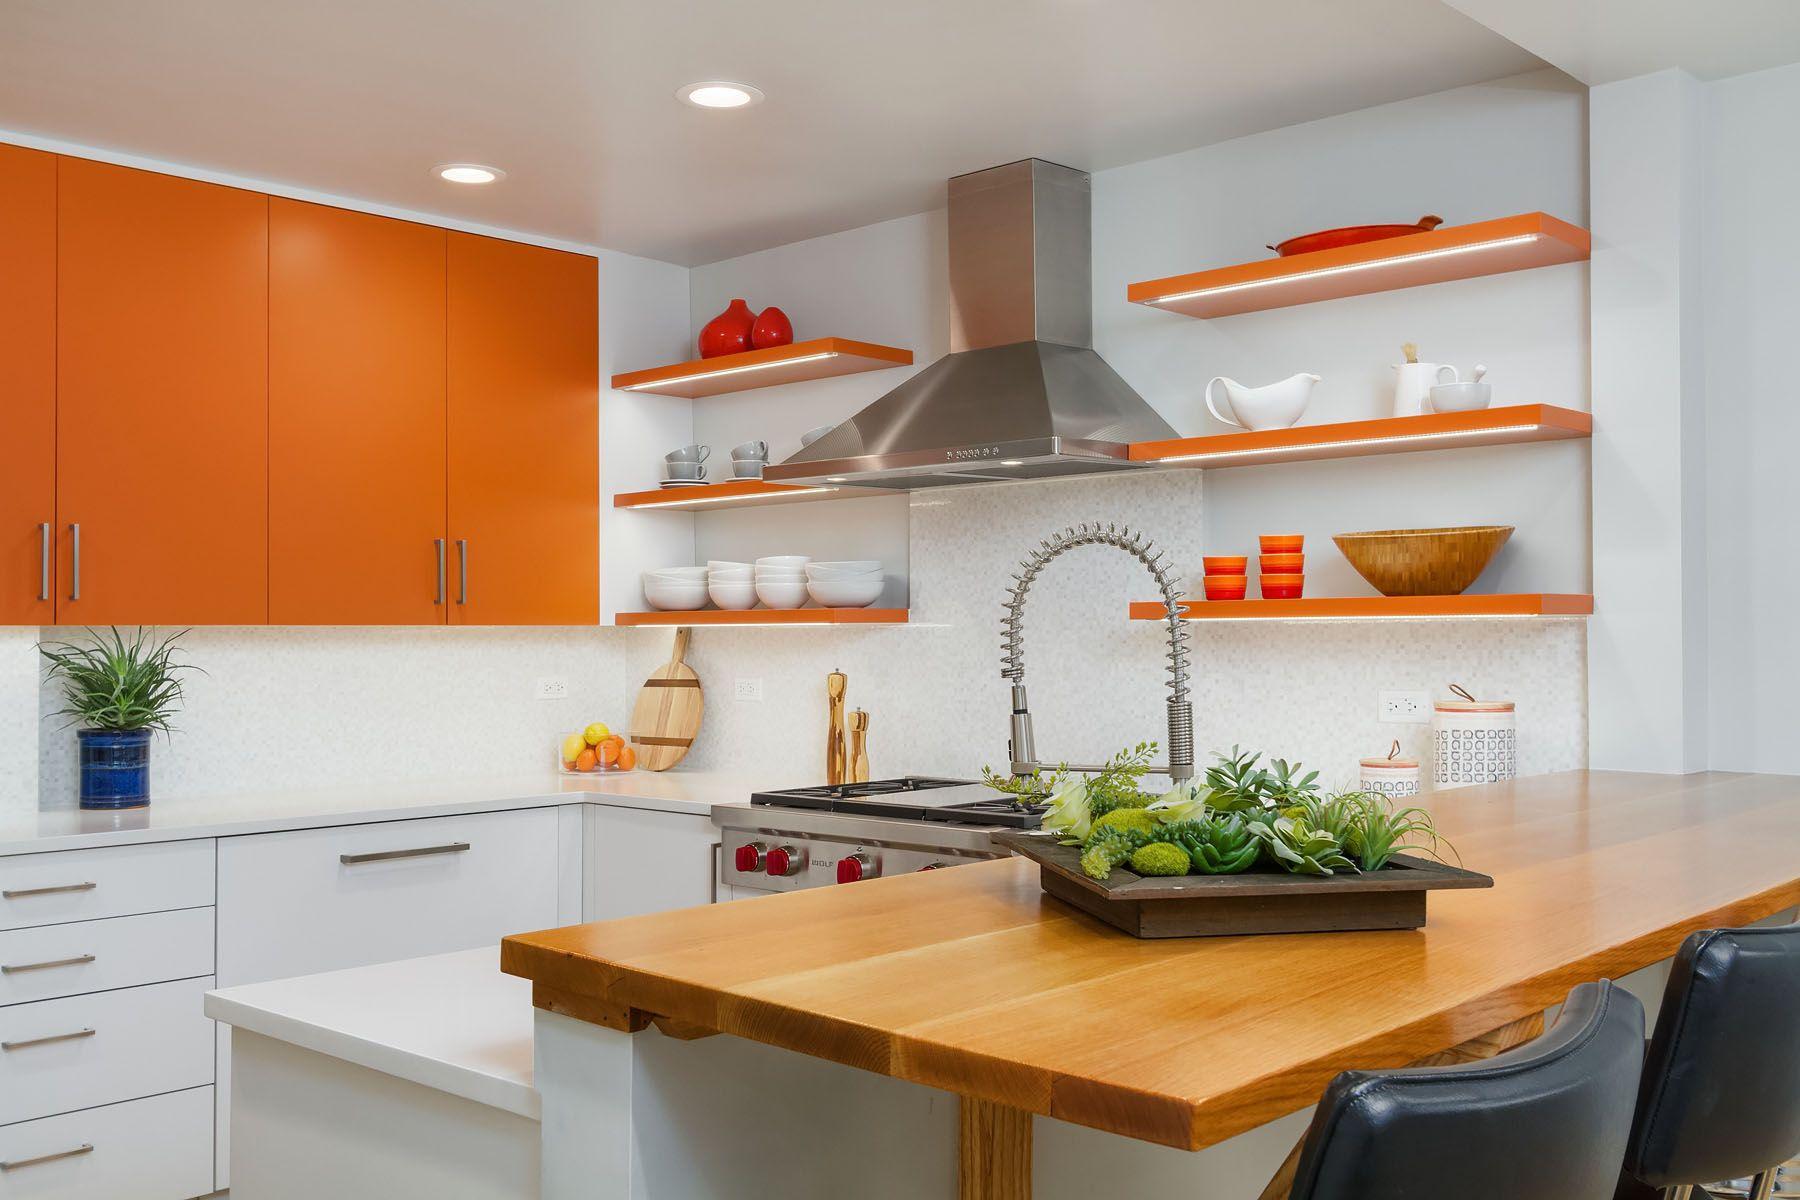 Kitchen Design Chicago Interior Design Services Habitar Design Kitchen Design Top Kitchen Designs Orange Kitchen Designs